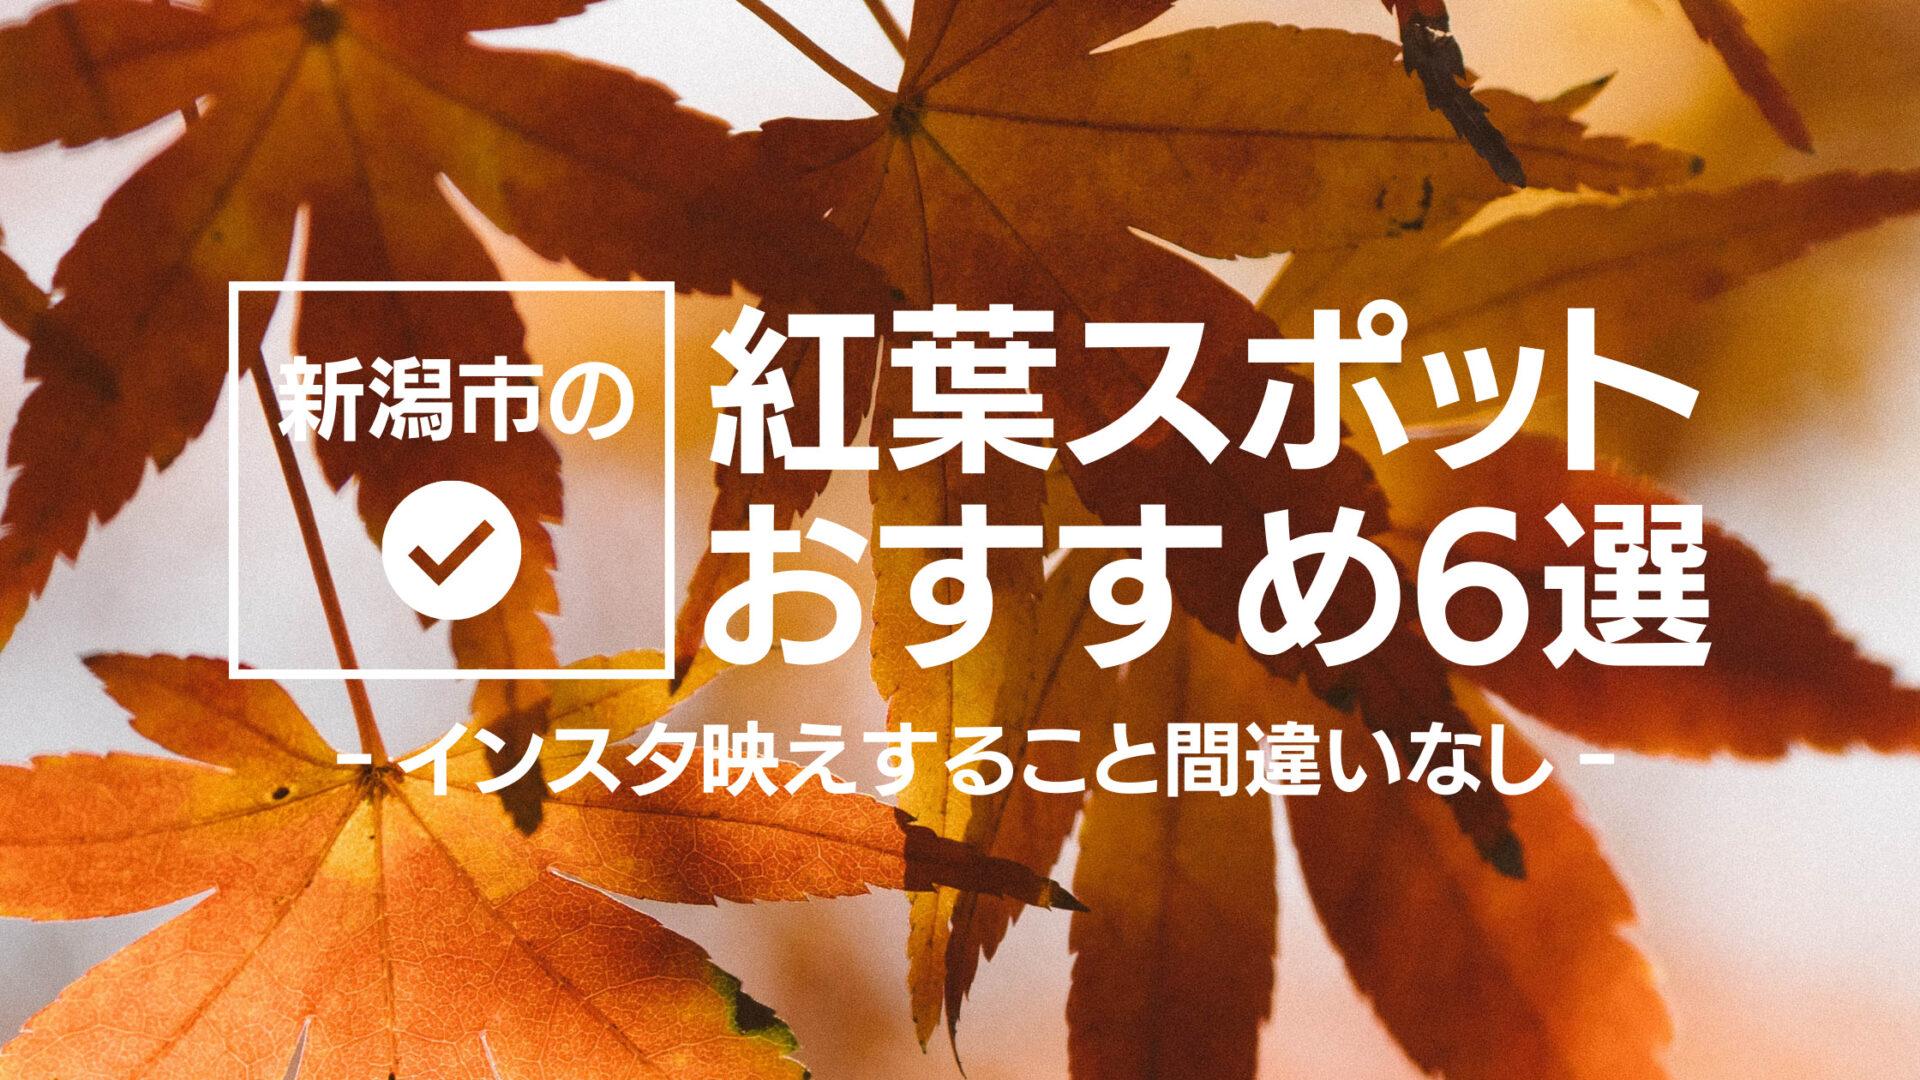 新潟市の紅葉スポットおすすめ6選 インスタ映えすること間違いなし!